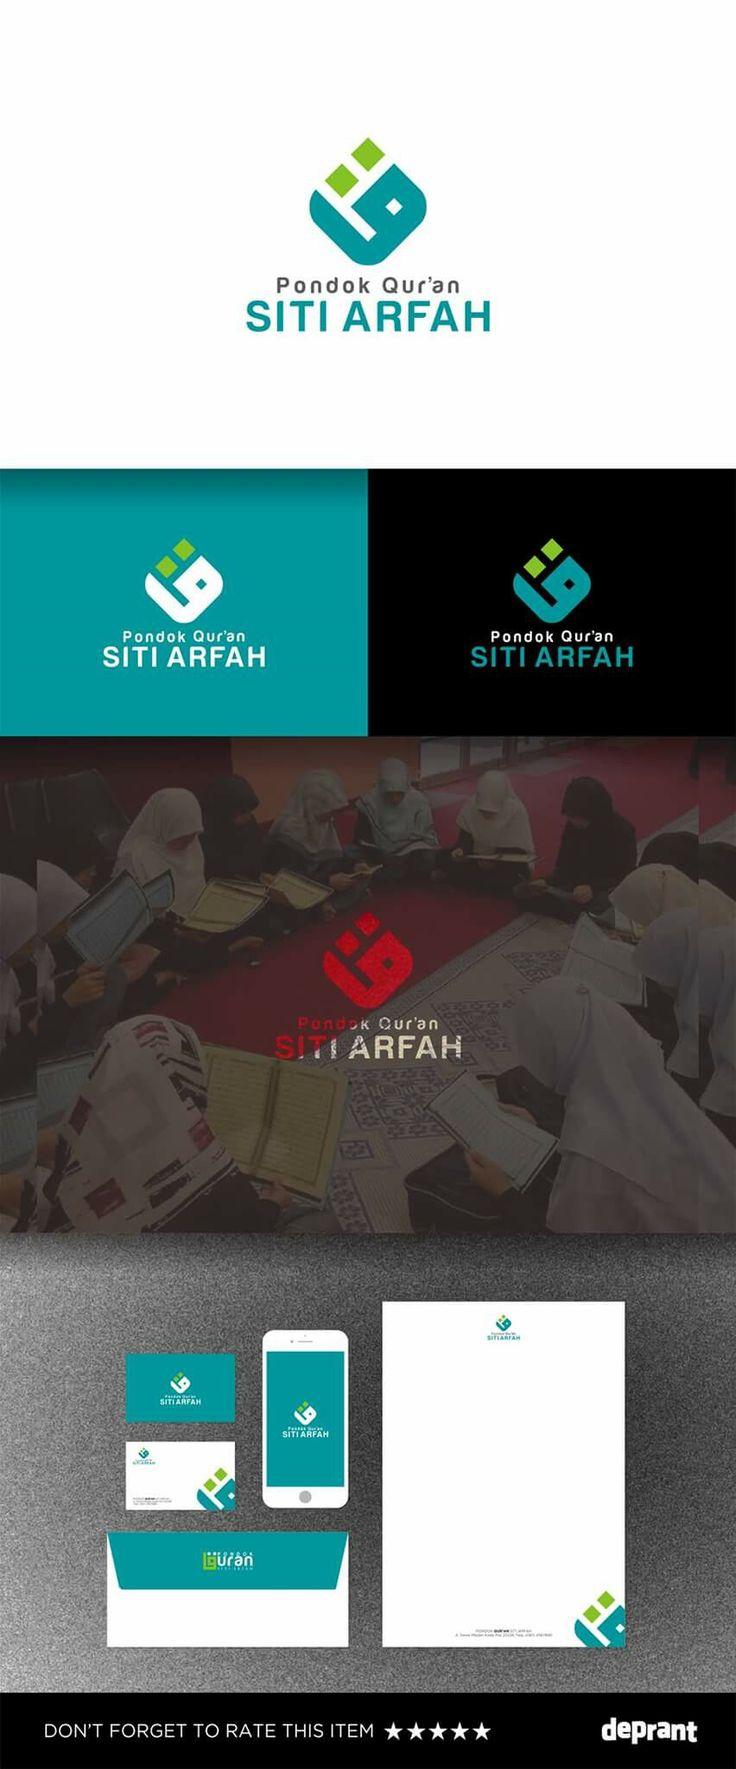 Mengerti keinginan klien [?] Berikan yang mereka butuh, [tidak] berikan yang mereka ingin. Karena kami memposisikan diri sebagai mitra untuk membangun identitas visual usaha/corporate klien. Jadi : BRIEF - RESEARCH - CONSEPT - REVIEW - PRESENTATION  Logo Pondok Qur'an Siti Arfah #deprant #logo #logodesigns #logodesigner #brand #graphicdesigner #graphicdesign #desain #desaingrafis #design